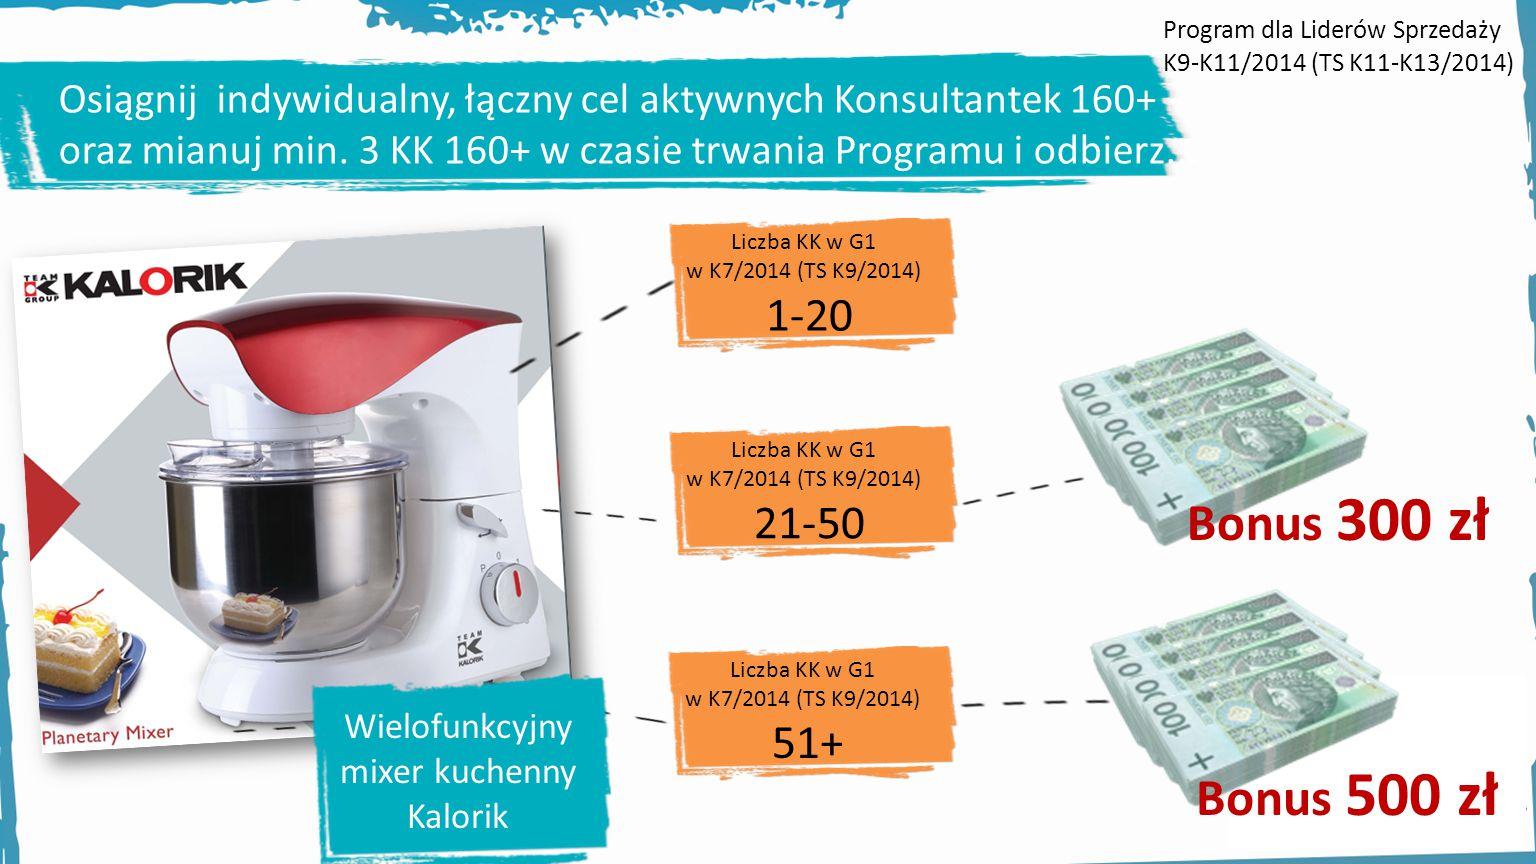 Przykładowe cele dla Liderów Sprzedaży: Liczba KK 160+ w K7/2014 Cel katalogowy Liczba KK 160+ Cel łączny na K9-11/2014 Liczba KK 160+ 6 20 53 6 17 47 28 52 142 Liczba KK w G1 w K7/2014 (TS K9/2014) 1-20 Liczba KK w G1 w K7/2014 (TS K9/2014) 21-50 Liczba KK w G1 w K7/2014 (TS K9/2014) 51+ Program dla Liderów Sprzedaży K9- K9-K11/2014 (TS K11-K13/2014)